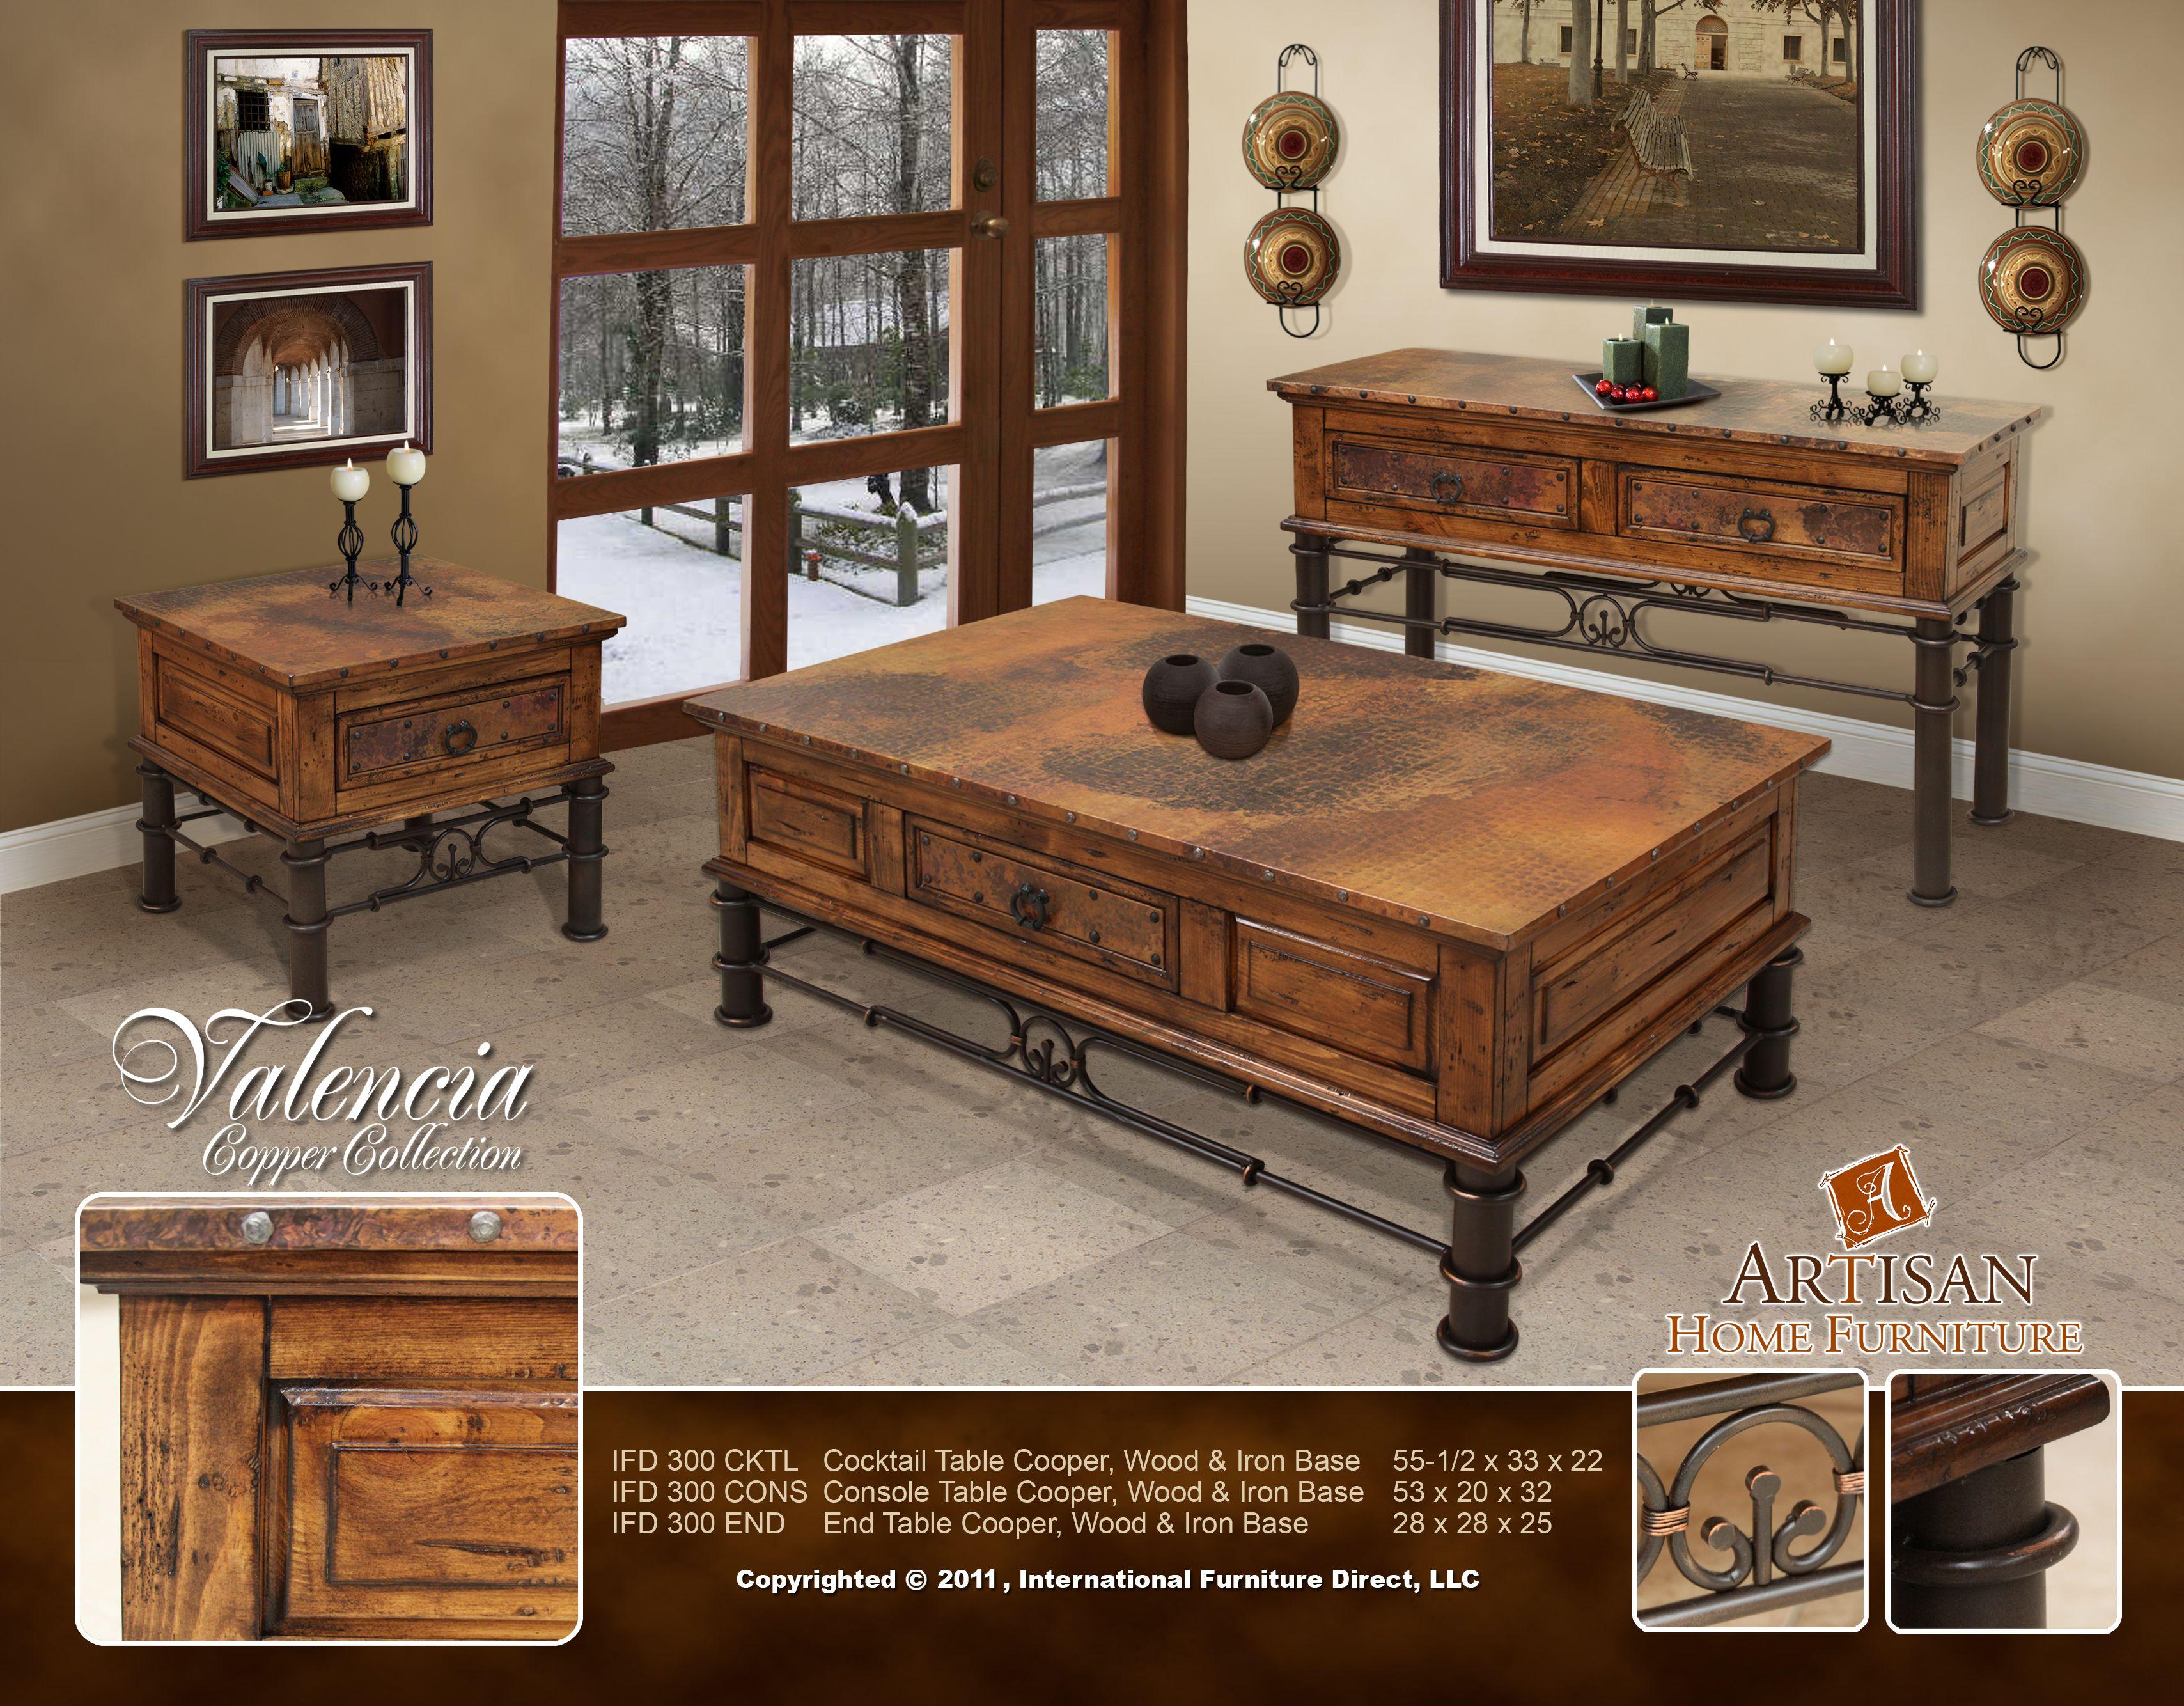 Rustic+Furniture | Artisan Rustic Furniture, International Furniture  Designs Phoenix